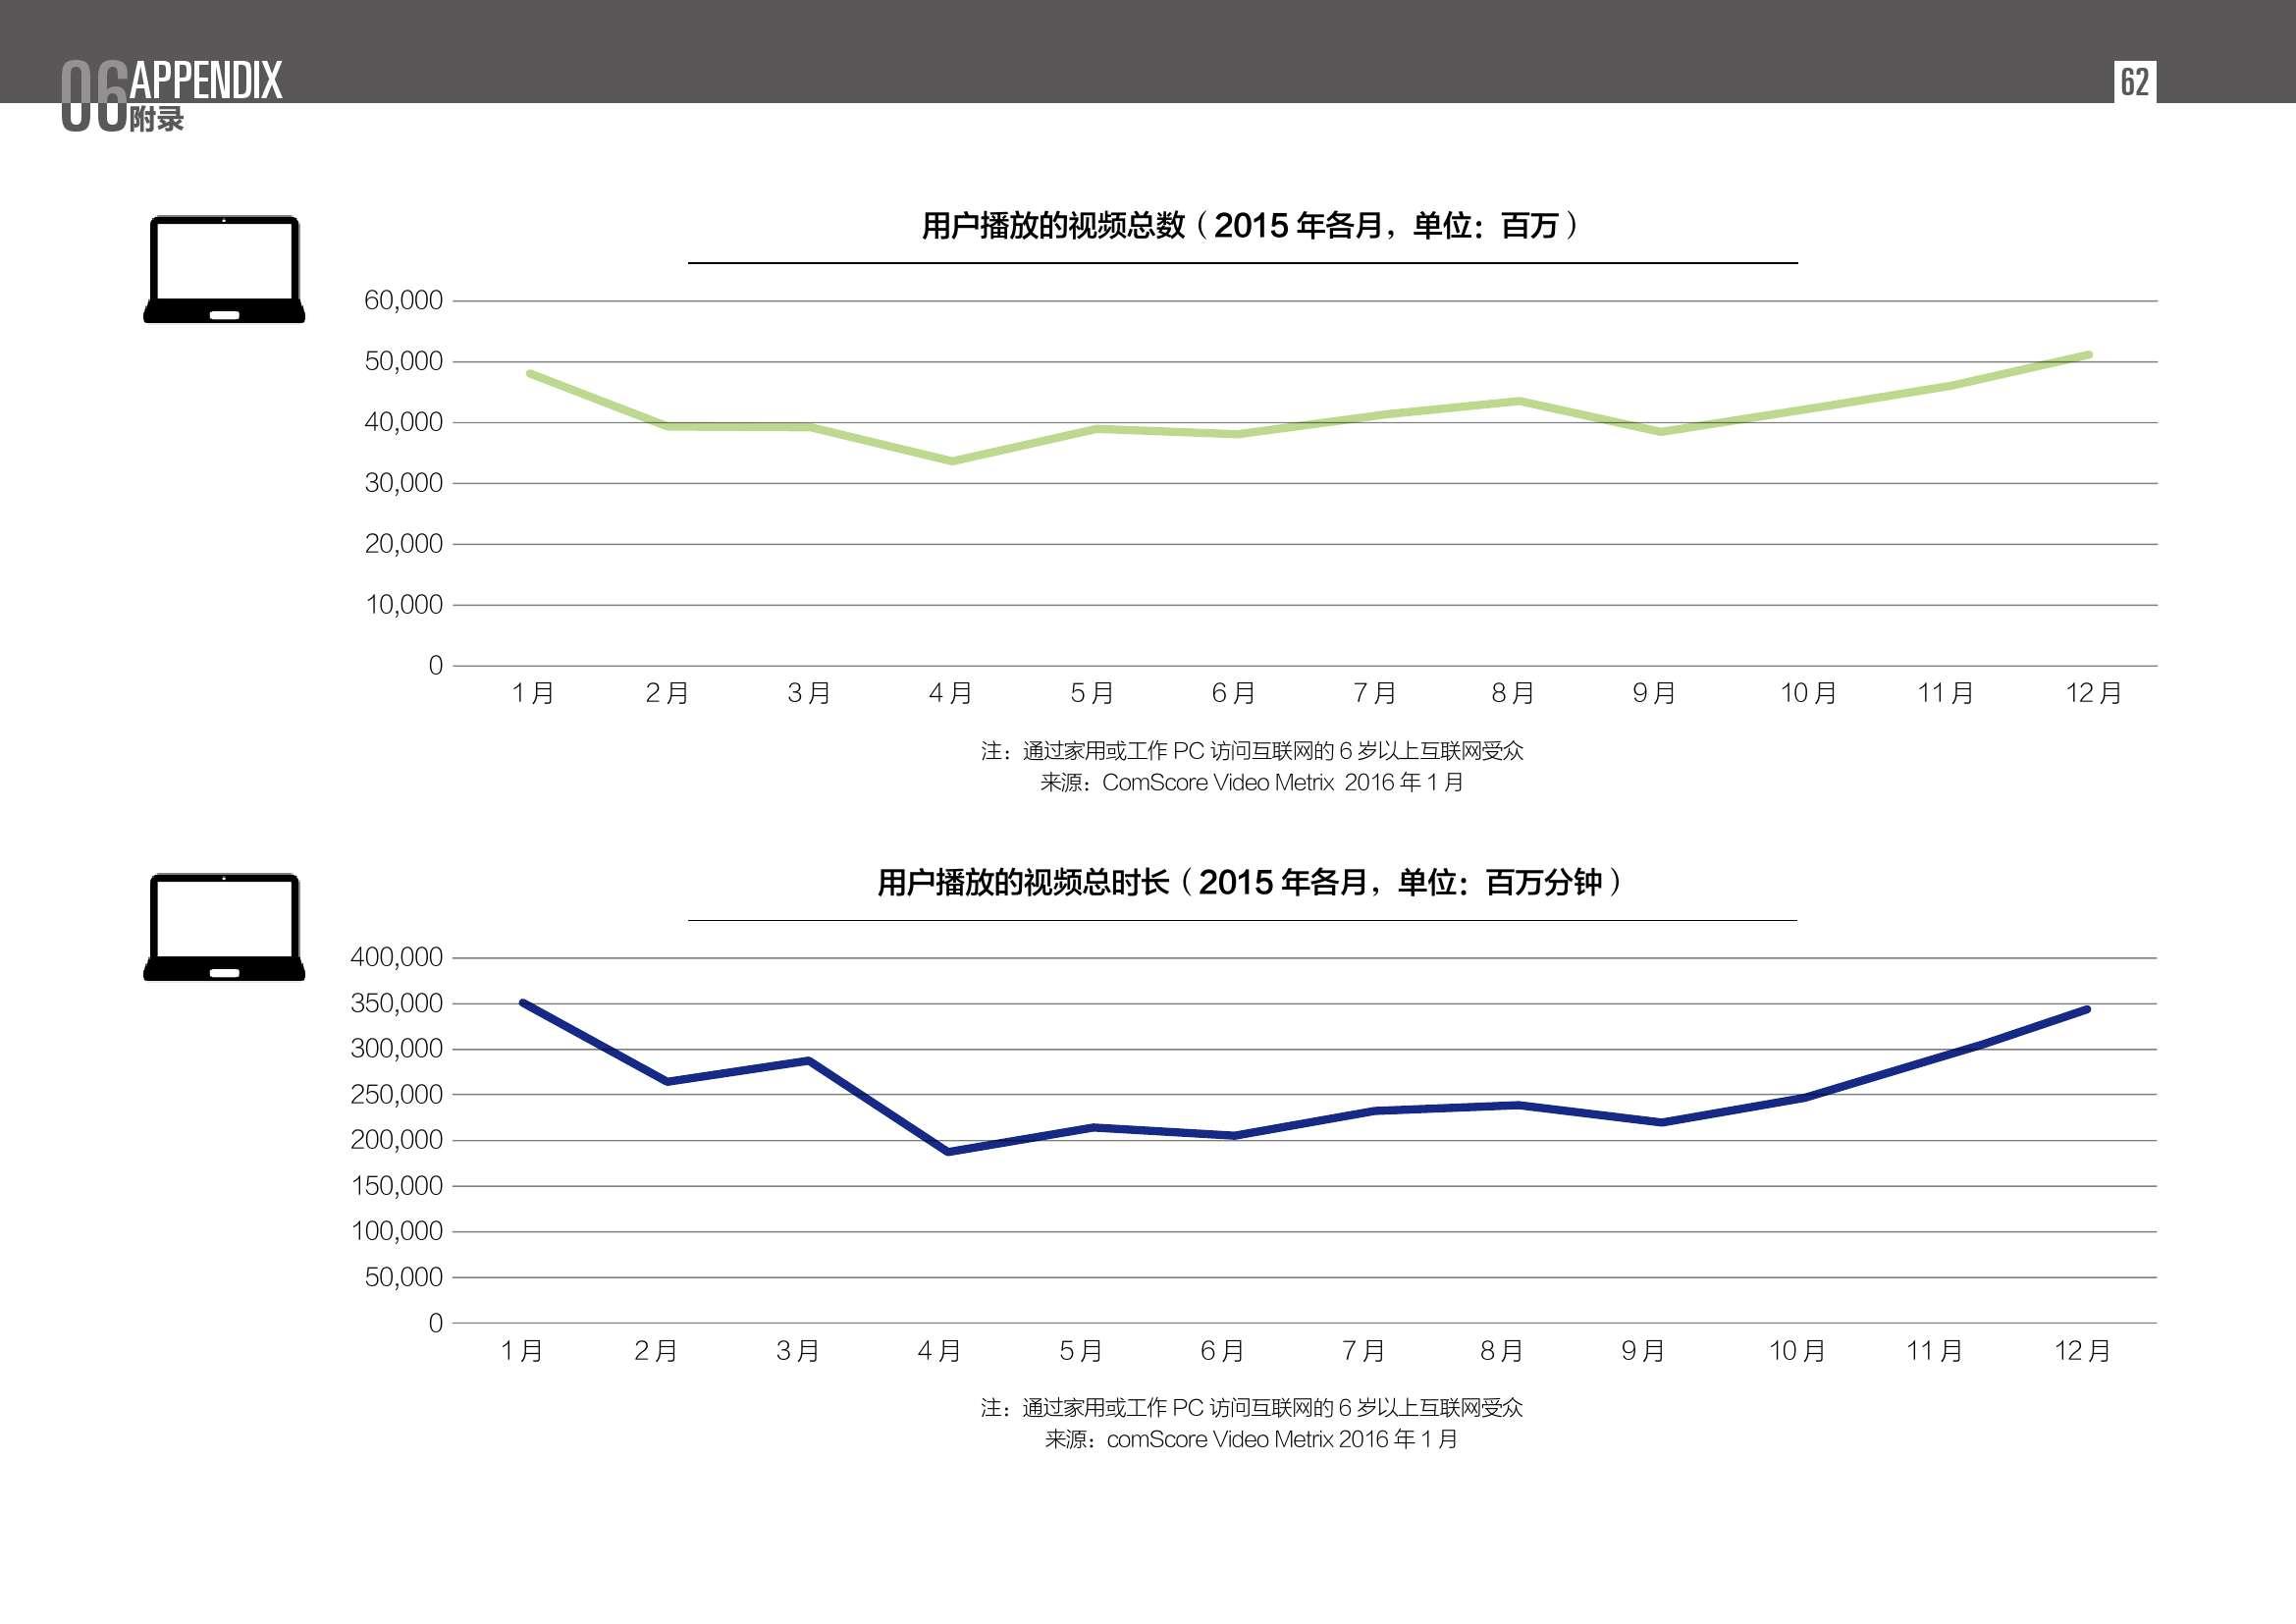 2016中国数字营销行动报告_000062